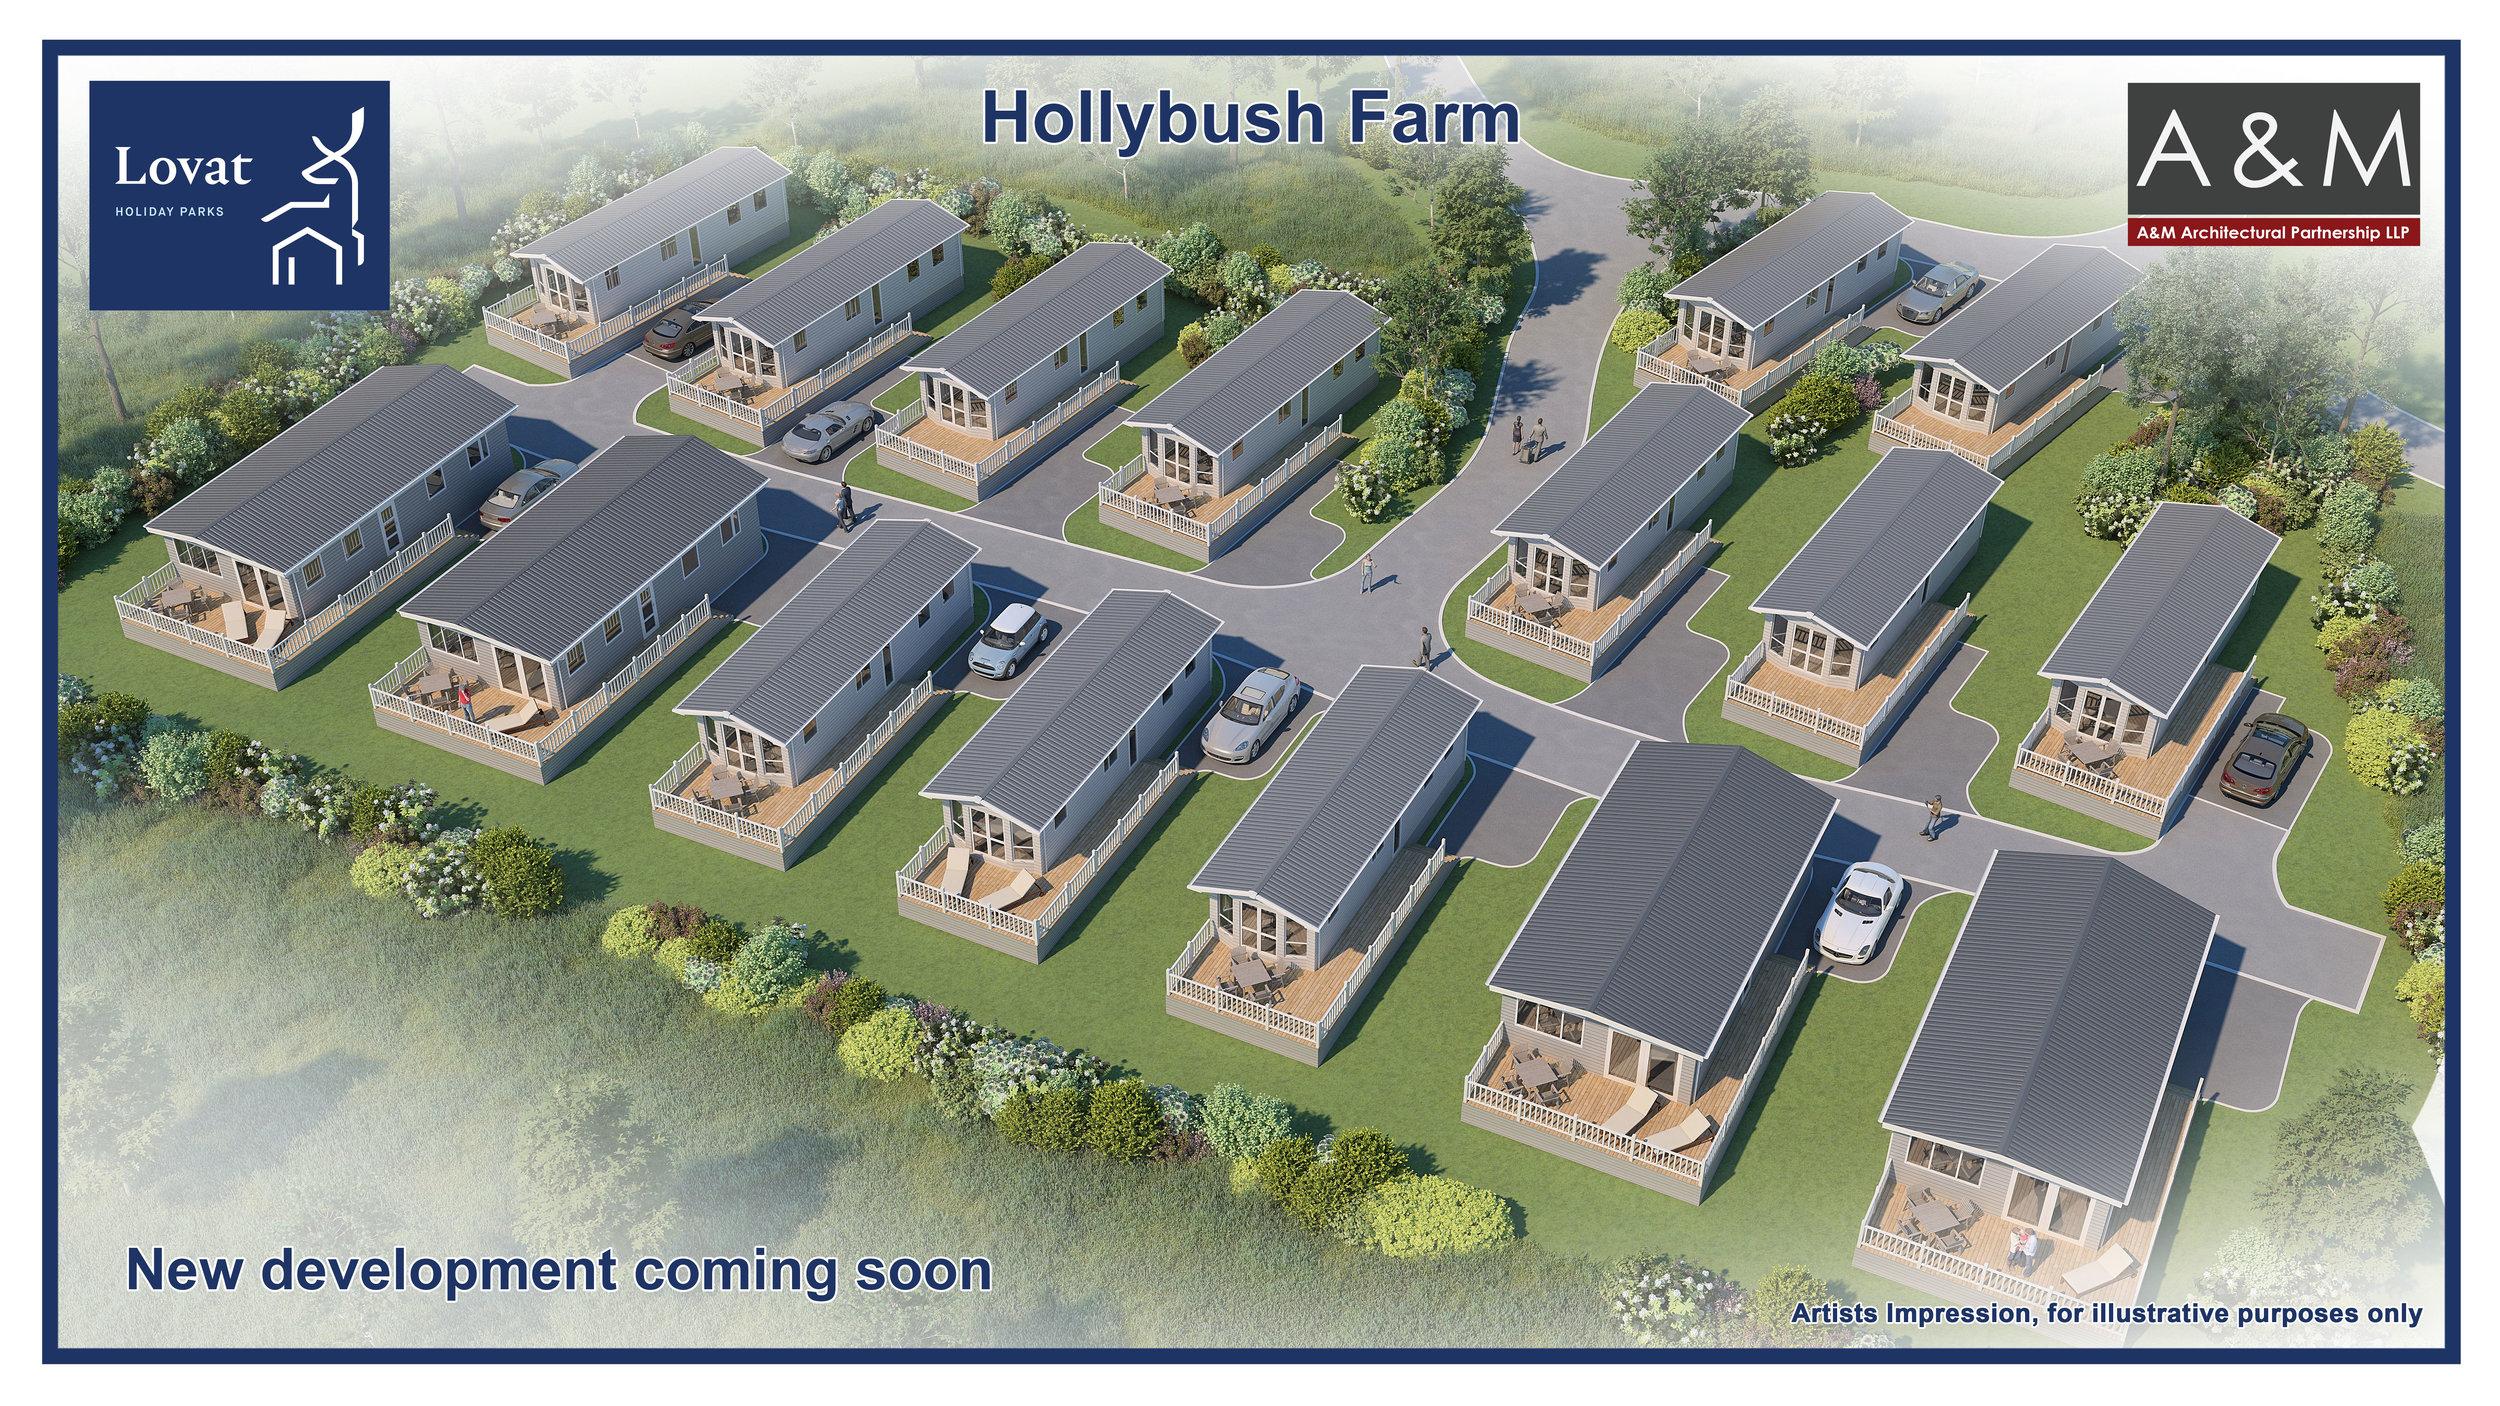 190826-Hollybush-Farm-Phase-1.jpg